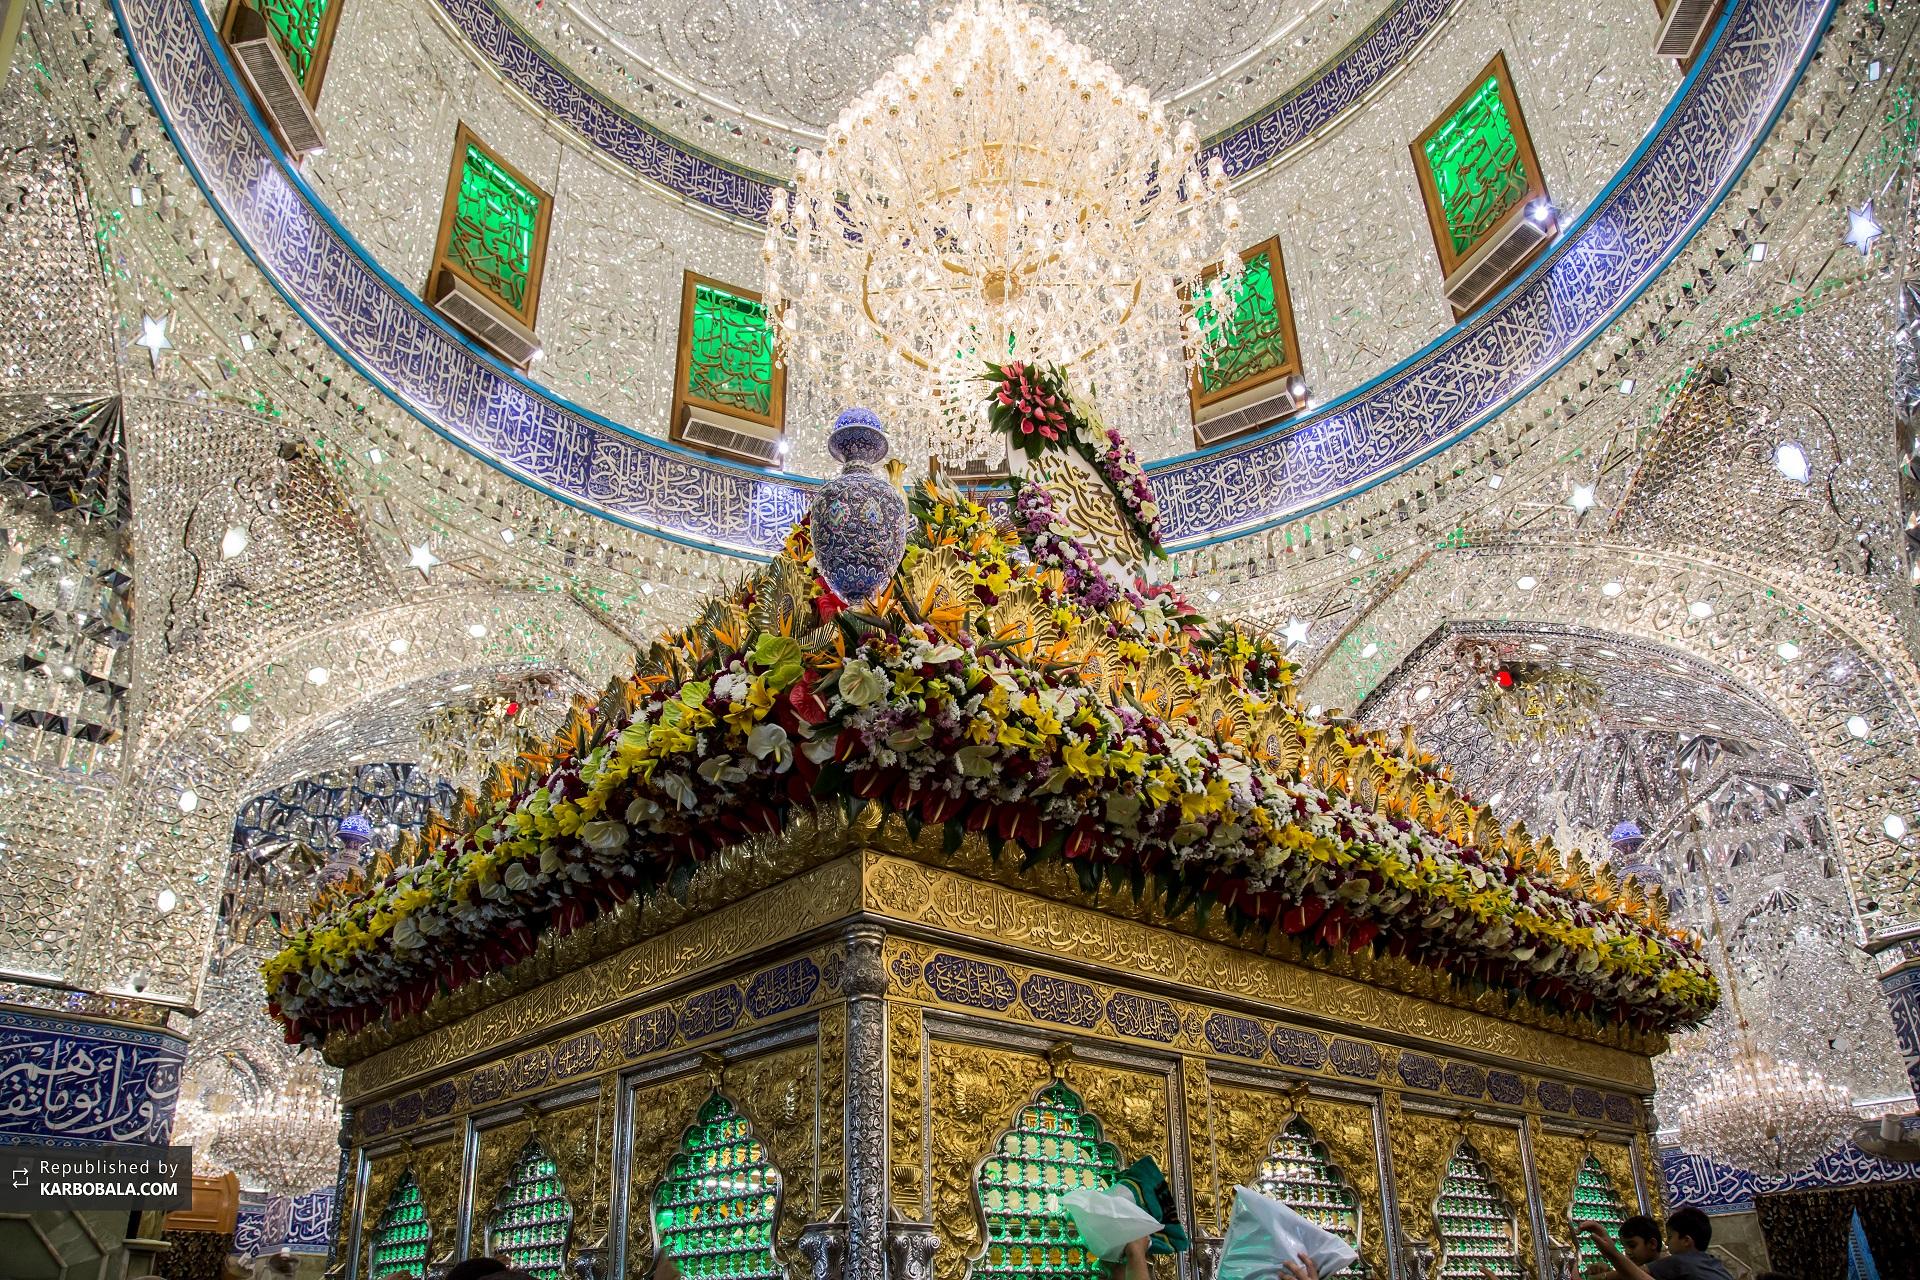 گزارش تصویری پایگاه تخصصی امام حسین (ع) از کربلای معلی: